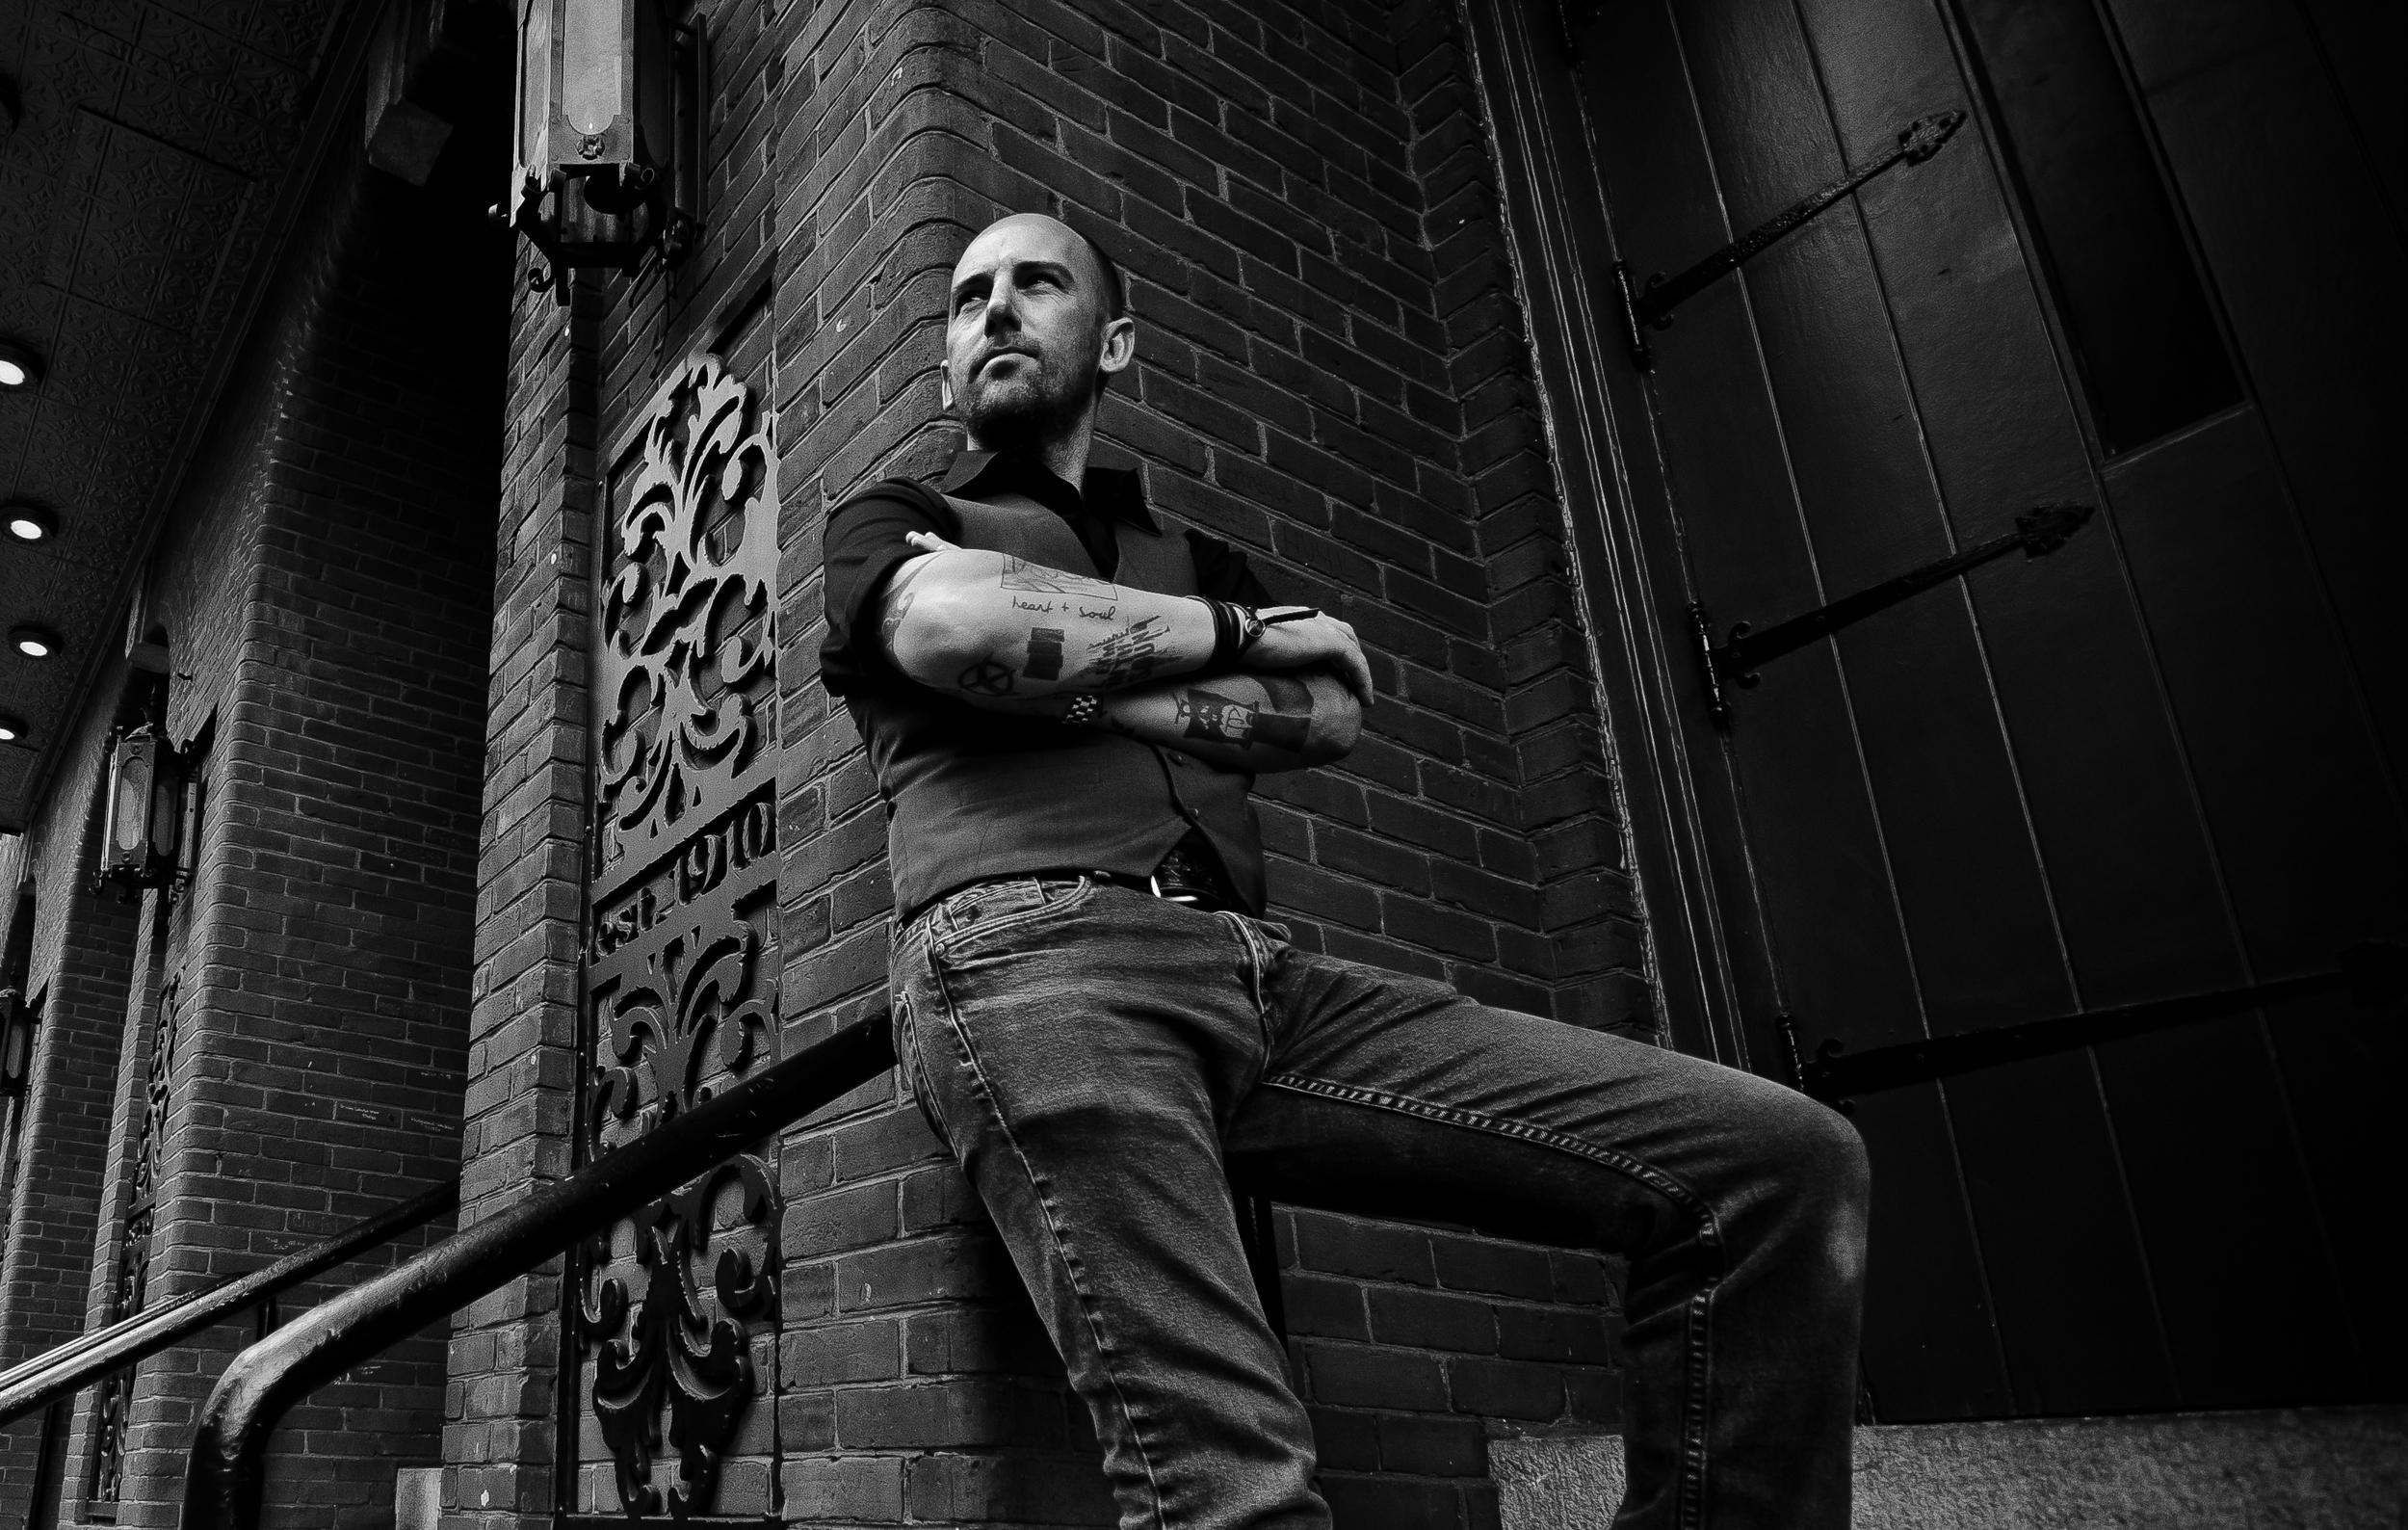 photo- markham jenkins